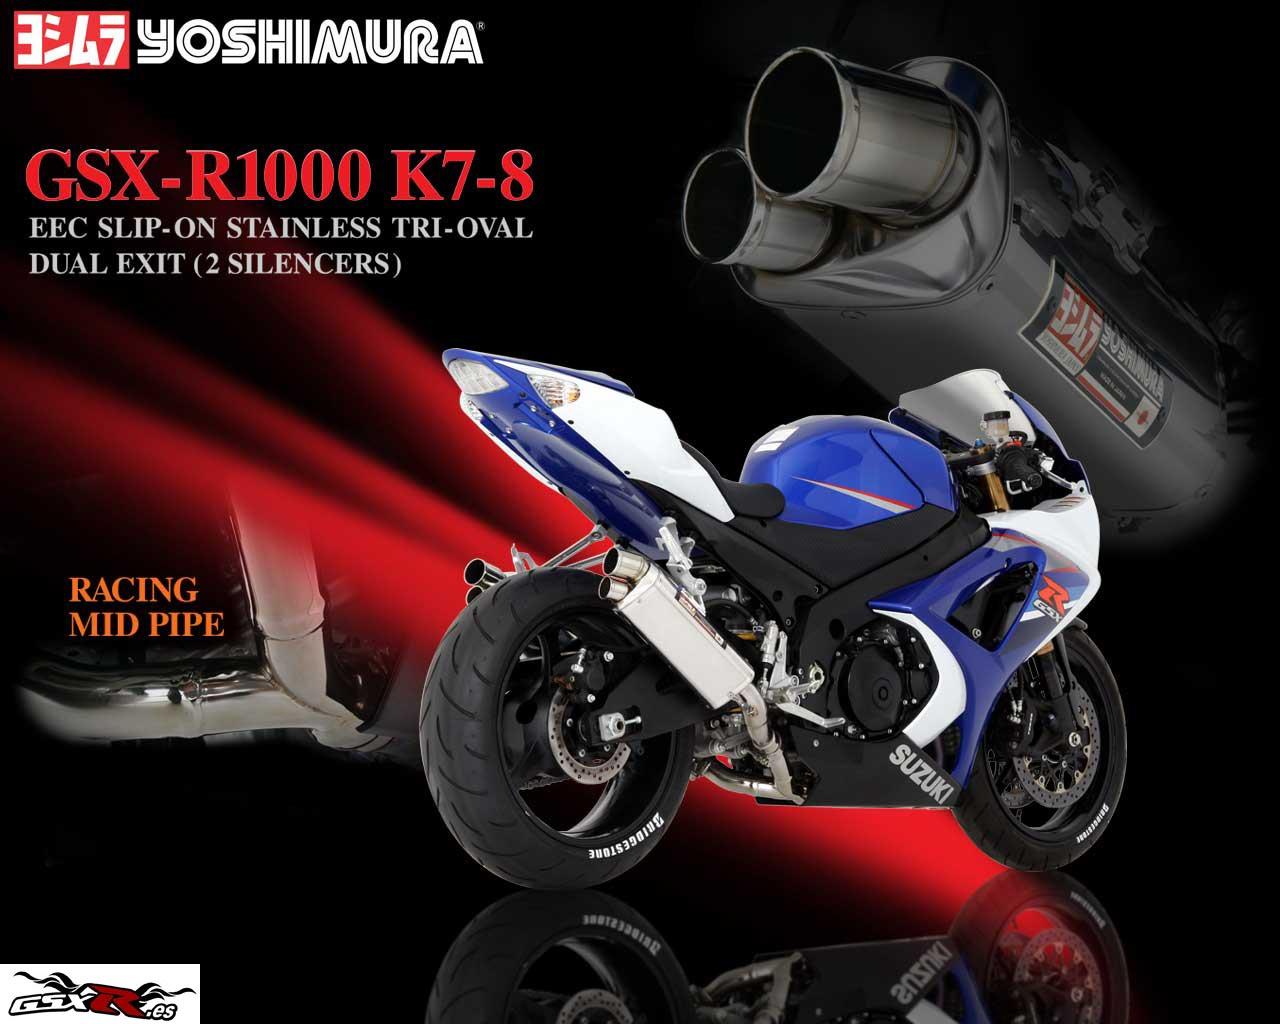 suzuki gsx-r 1000 2008 k8 escape yoshimura wallpaper fondo de escritorio